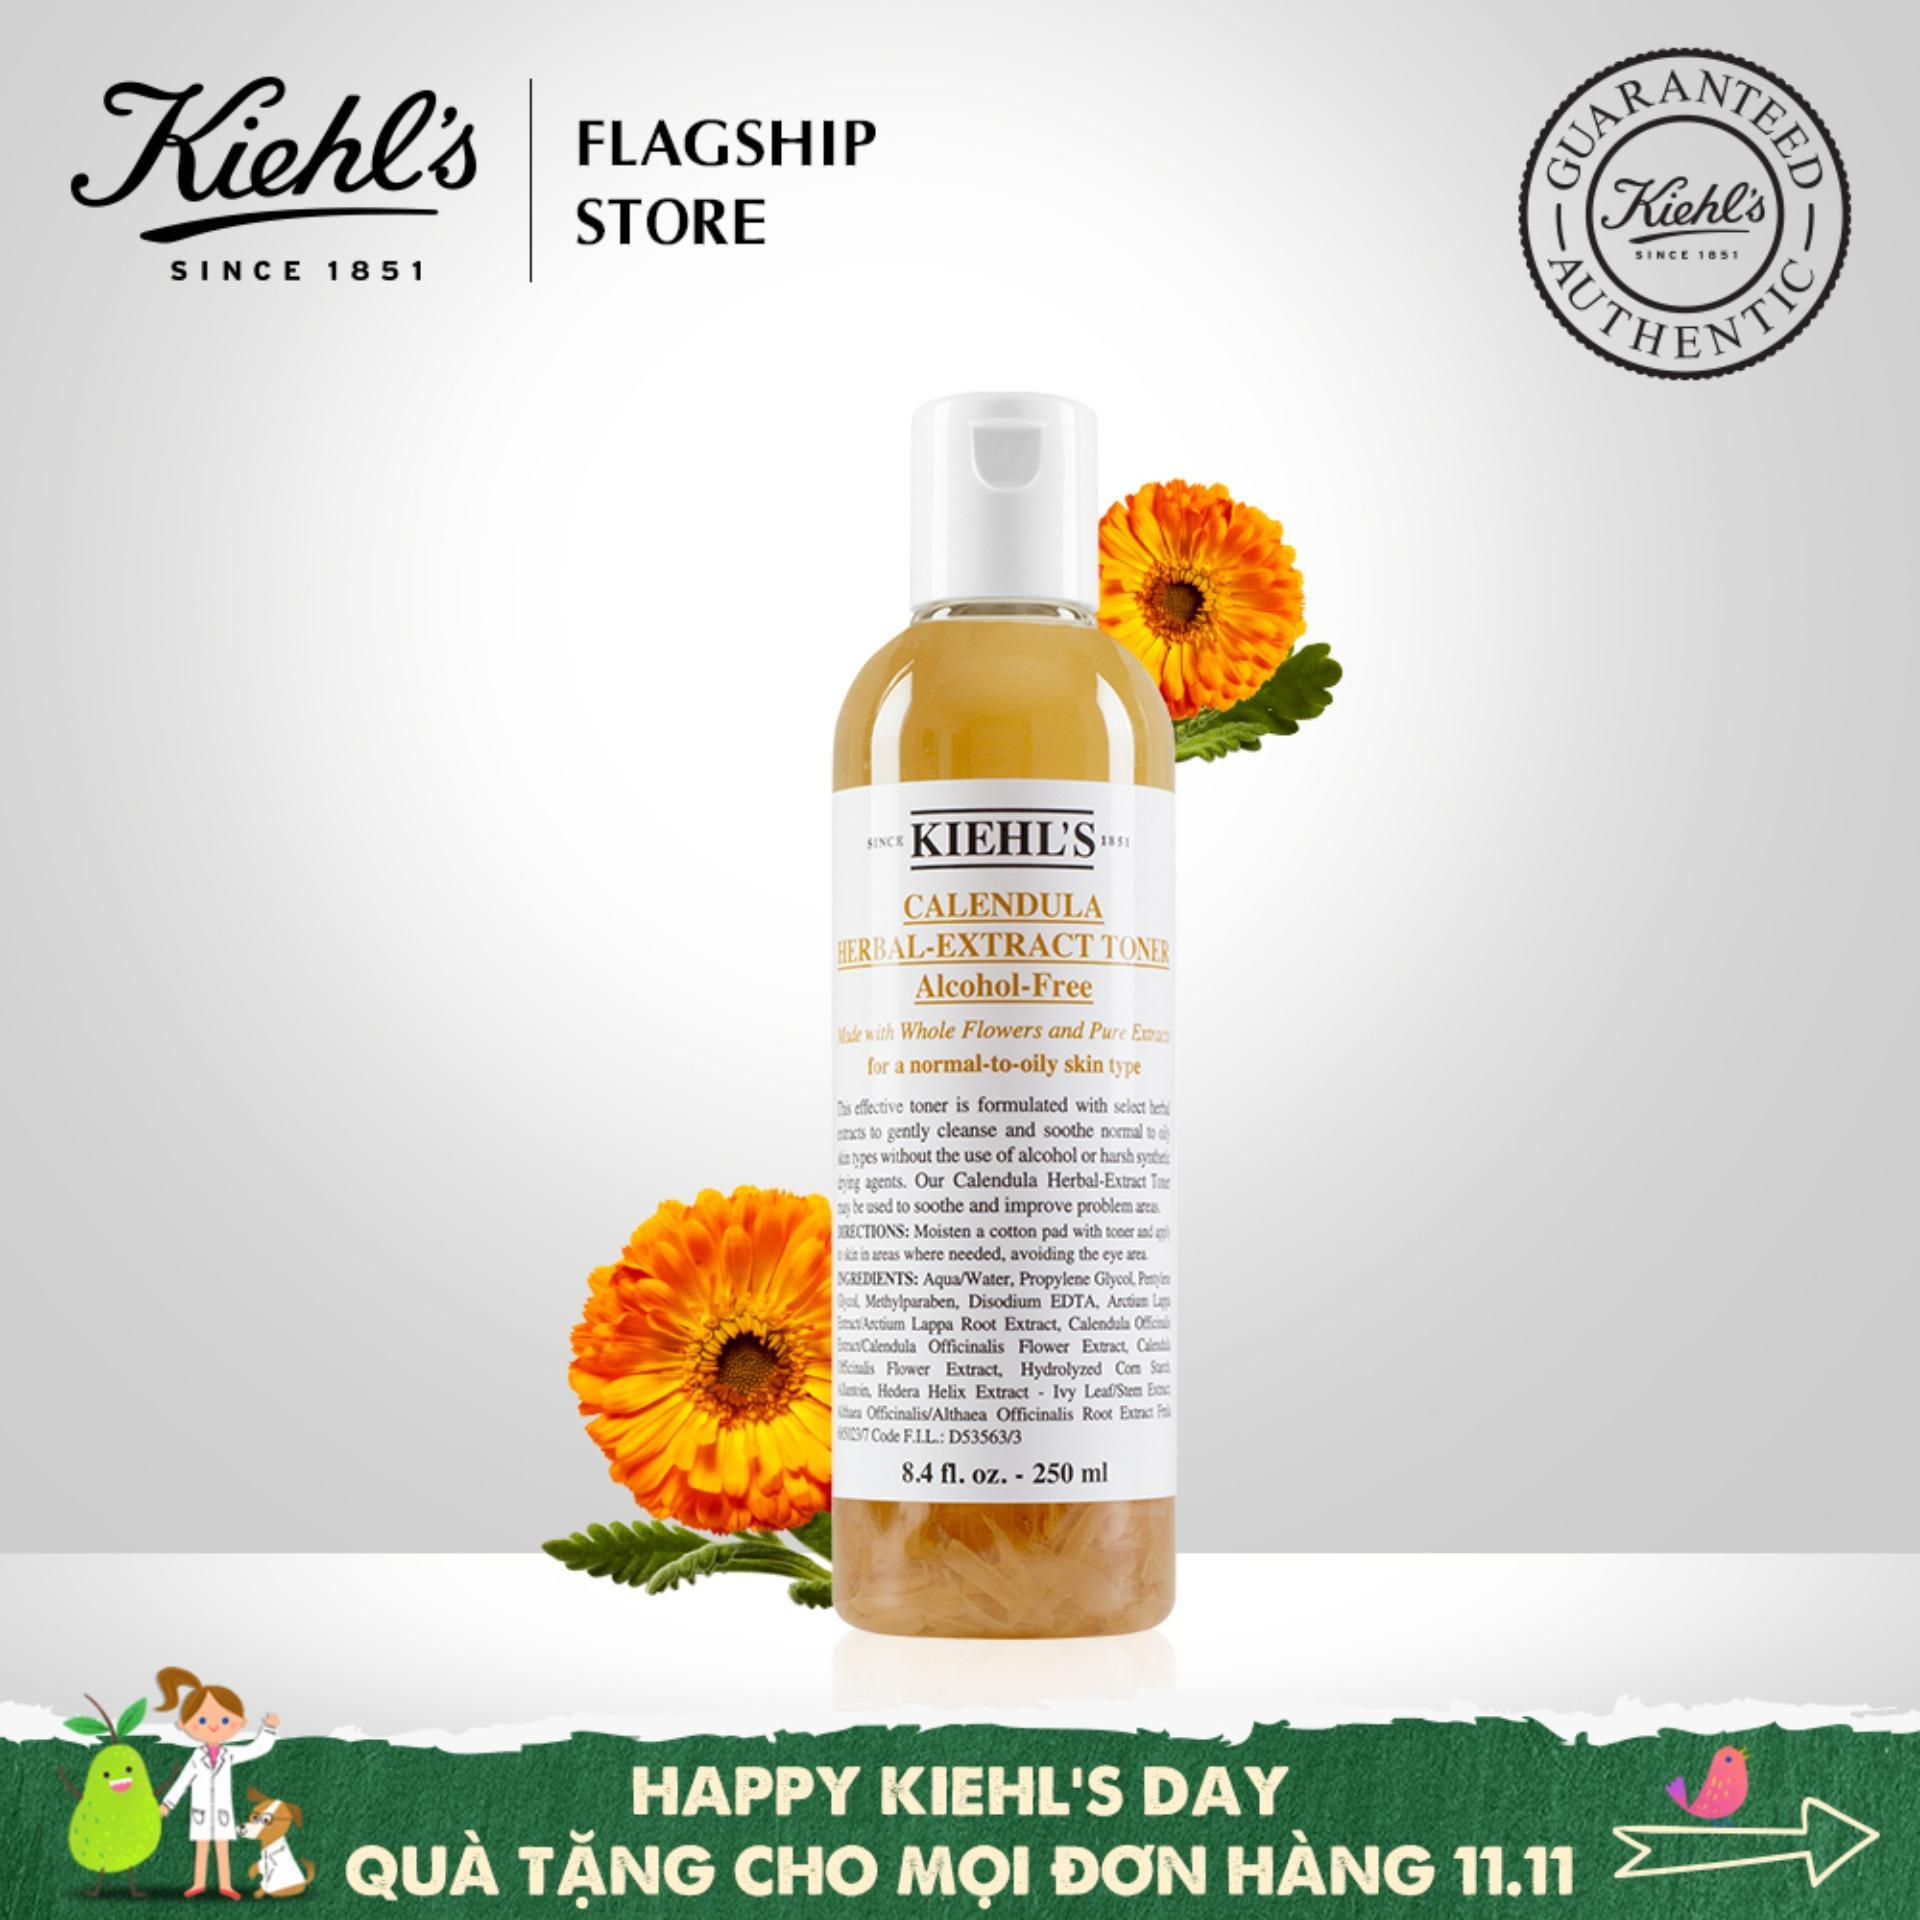 Nước cân bằng Hoa Cúc Kiehls Calendula Herbal Extract Alcohol-Free Toner 250ML tốt nhất